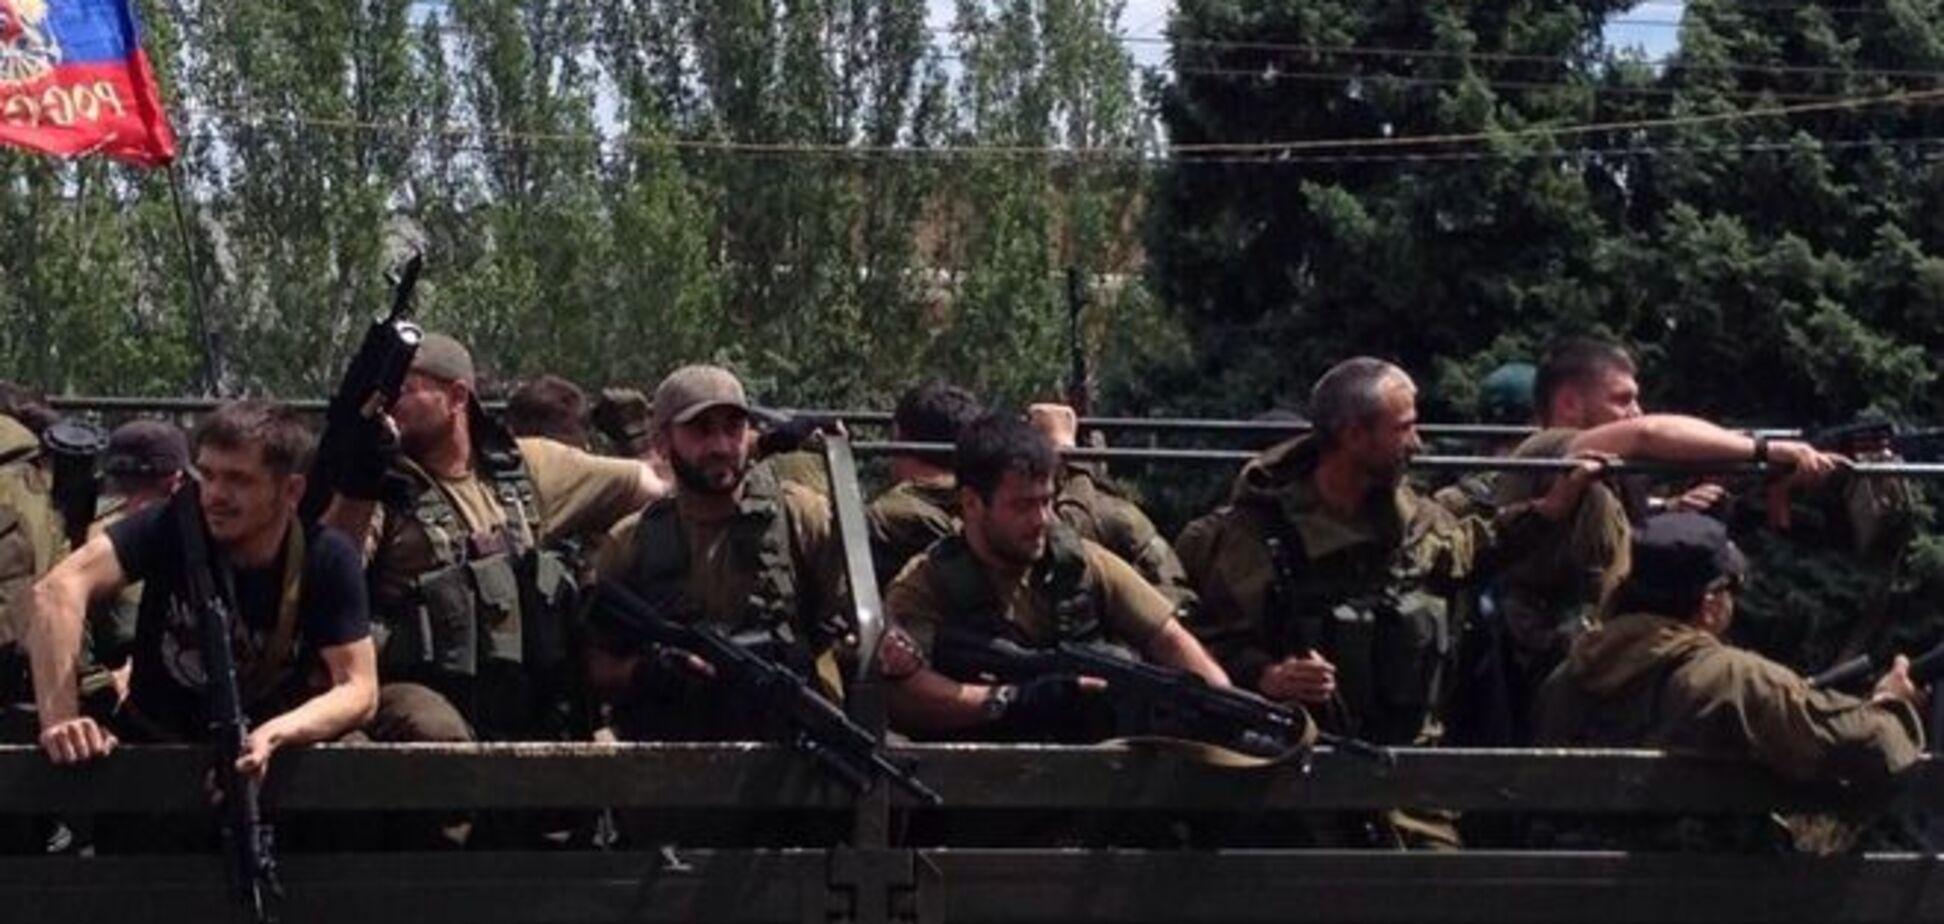 Конфликт на Донбассе превратился в гражданскую войну чеченцев - Time